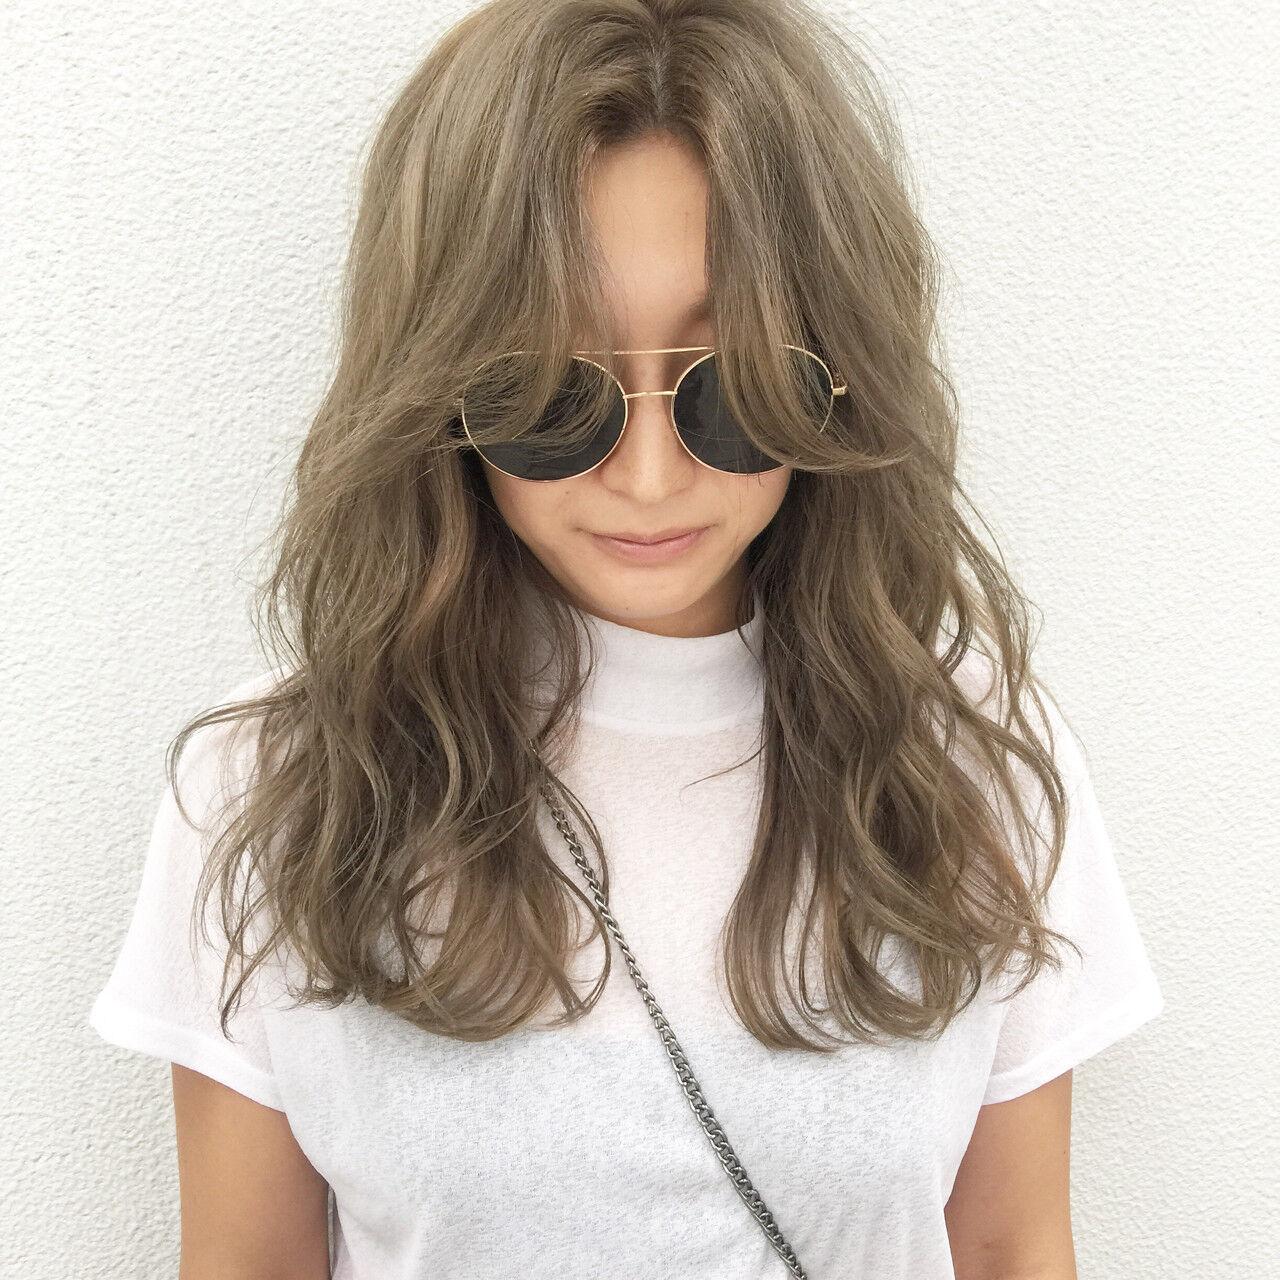 ヘアアレンジ ハイライト グラデーションカラー セミロングヘアスタイルや髪型の写真・画像